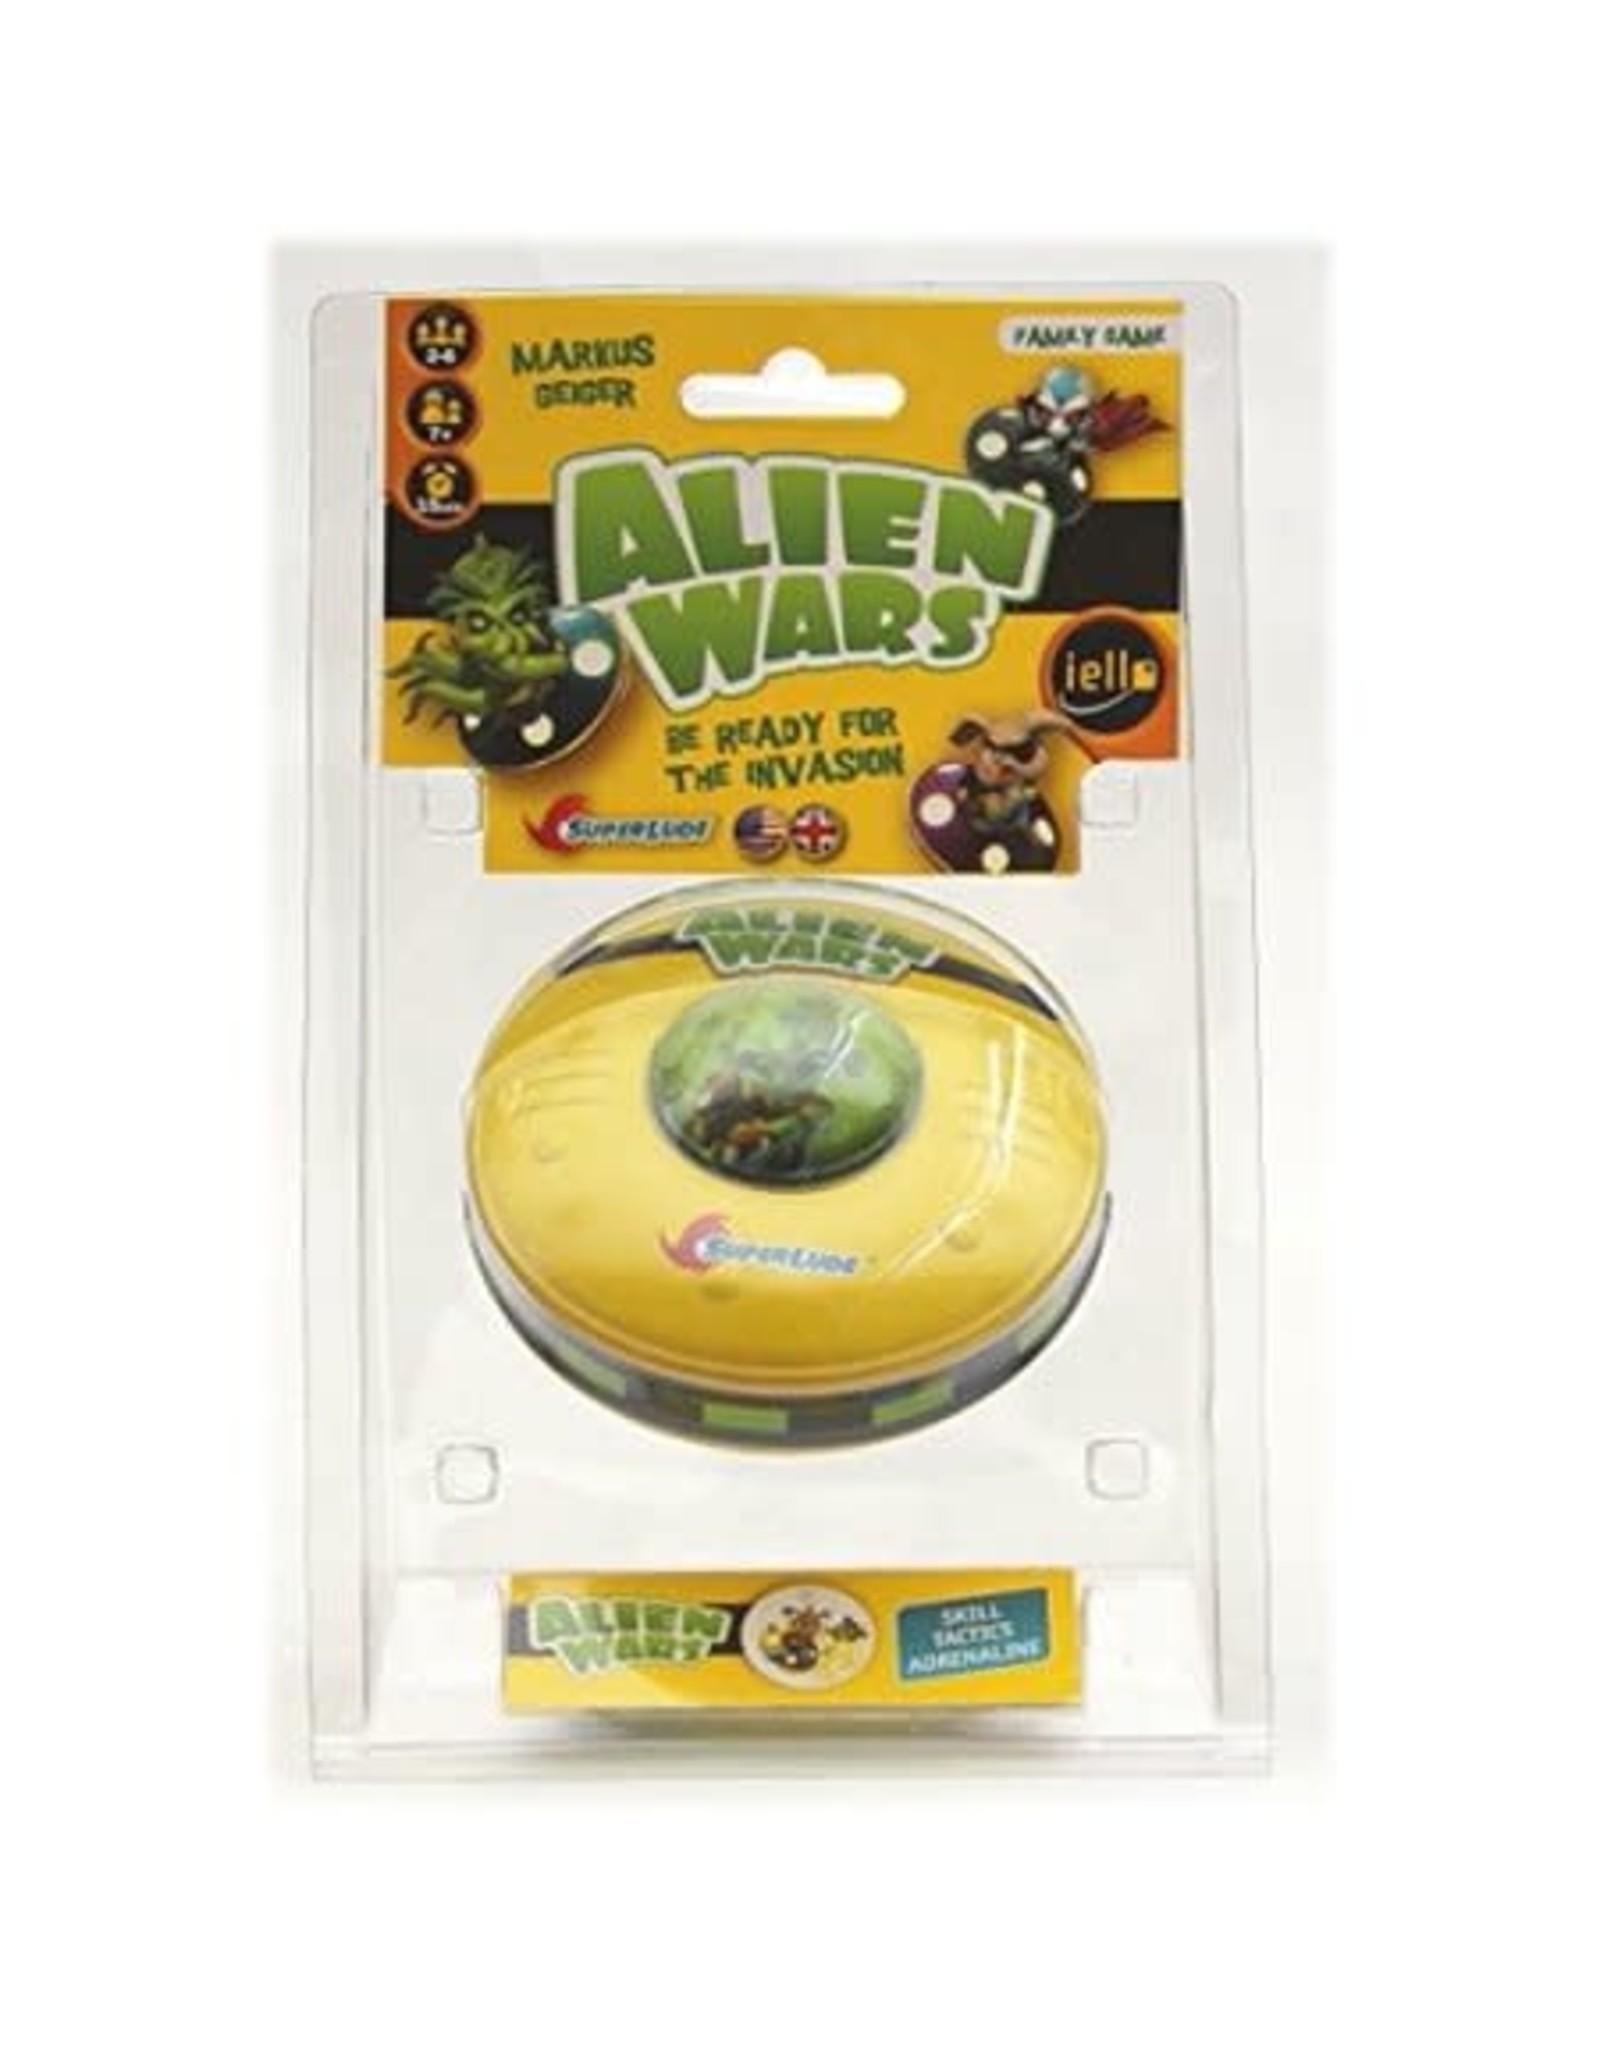 Iello Alien Wars